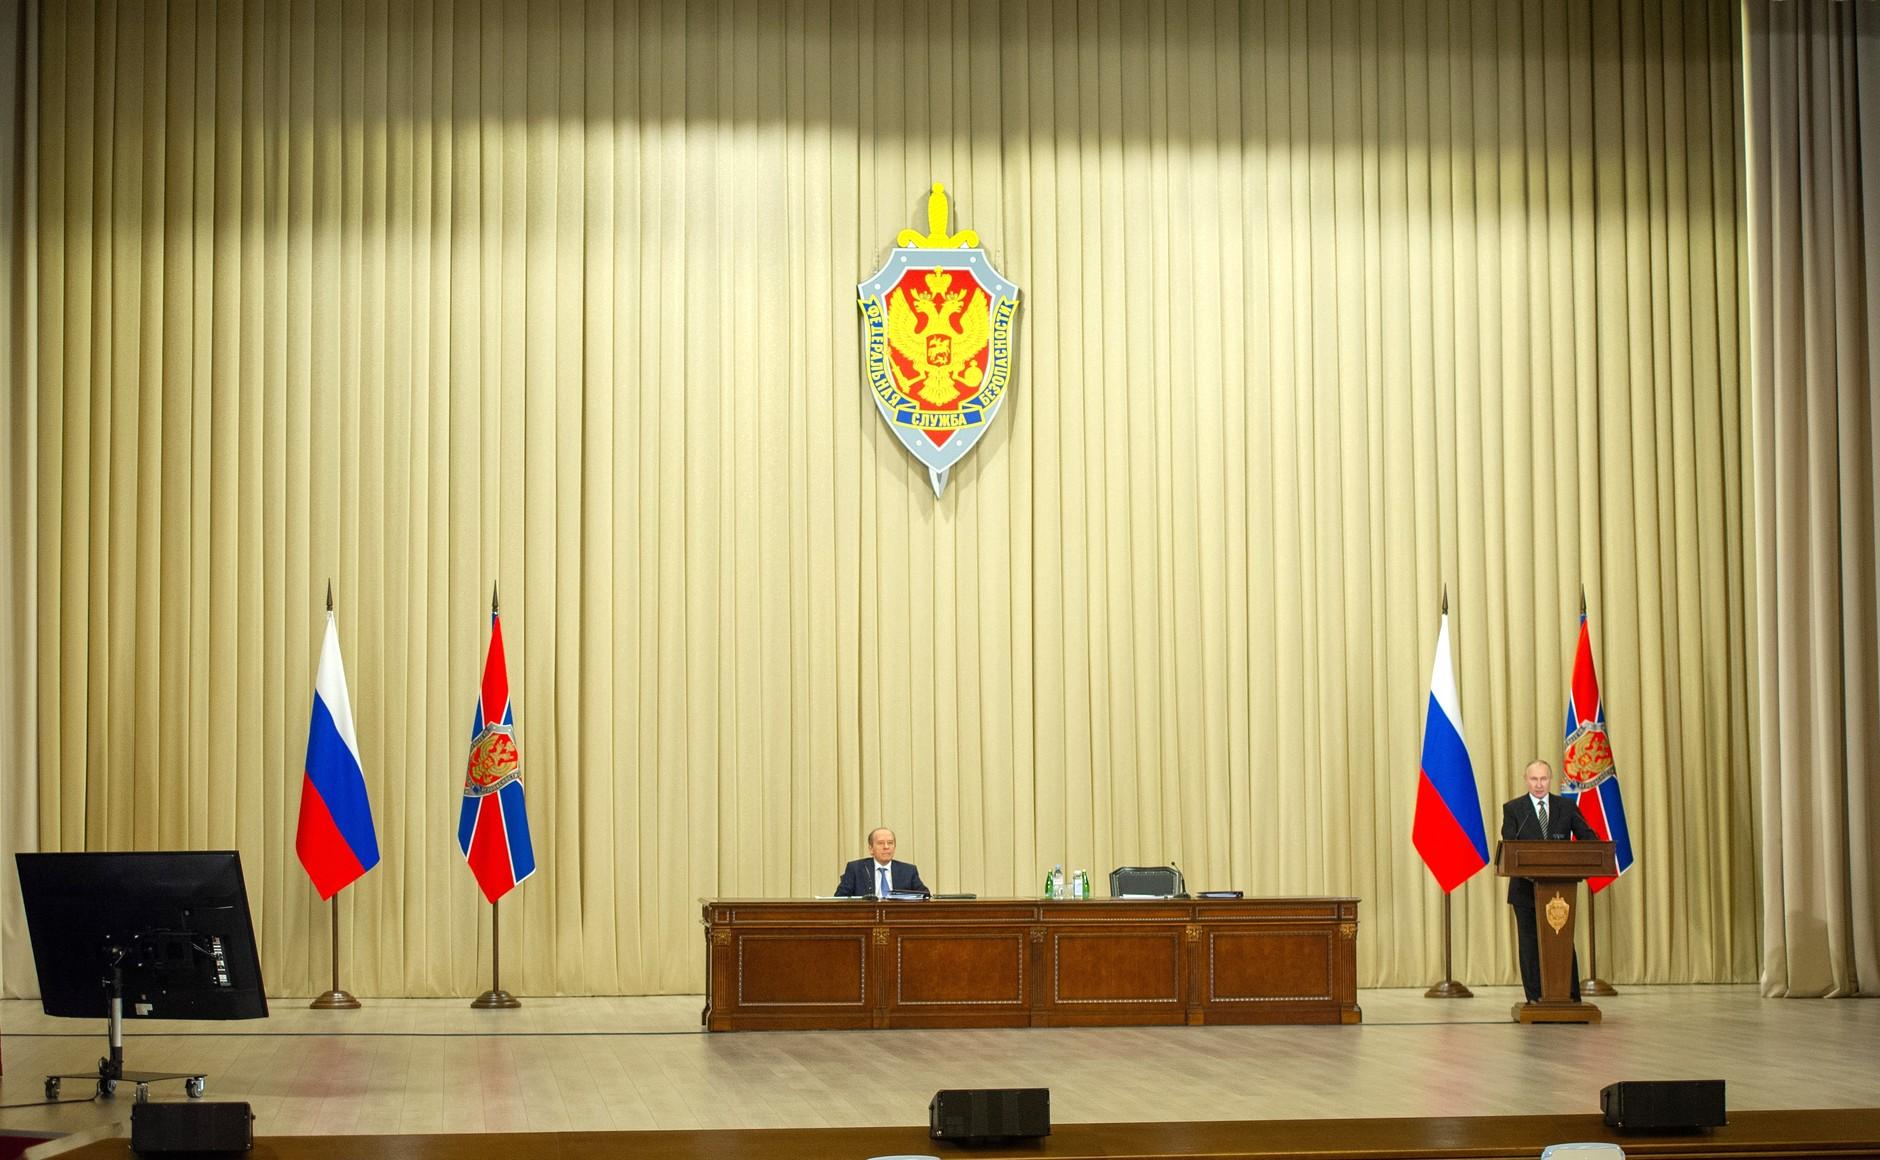 FSB PH 5 XX 5 Le président a tenu une réunion du conseil d'administration du FSB. Du 24 février 2021